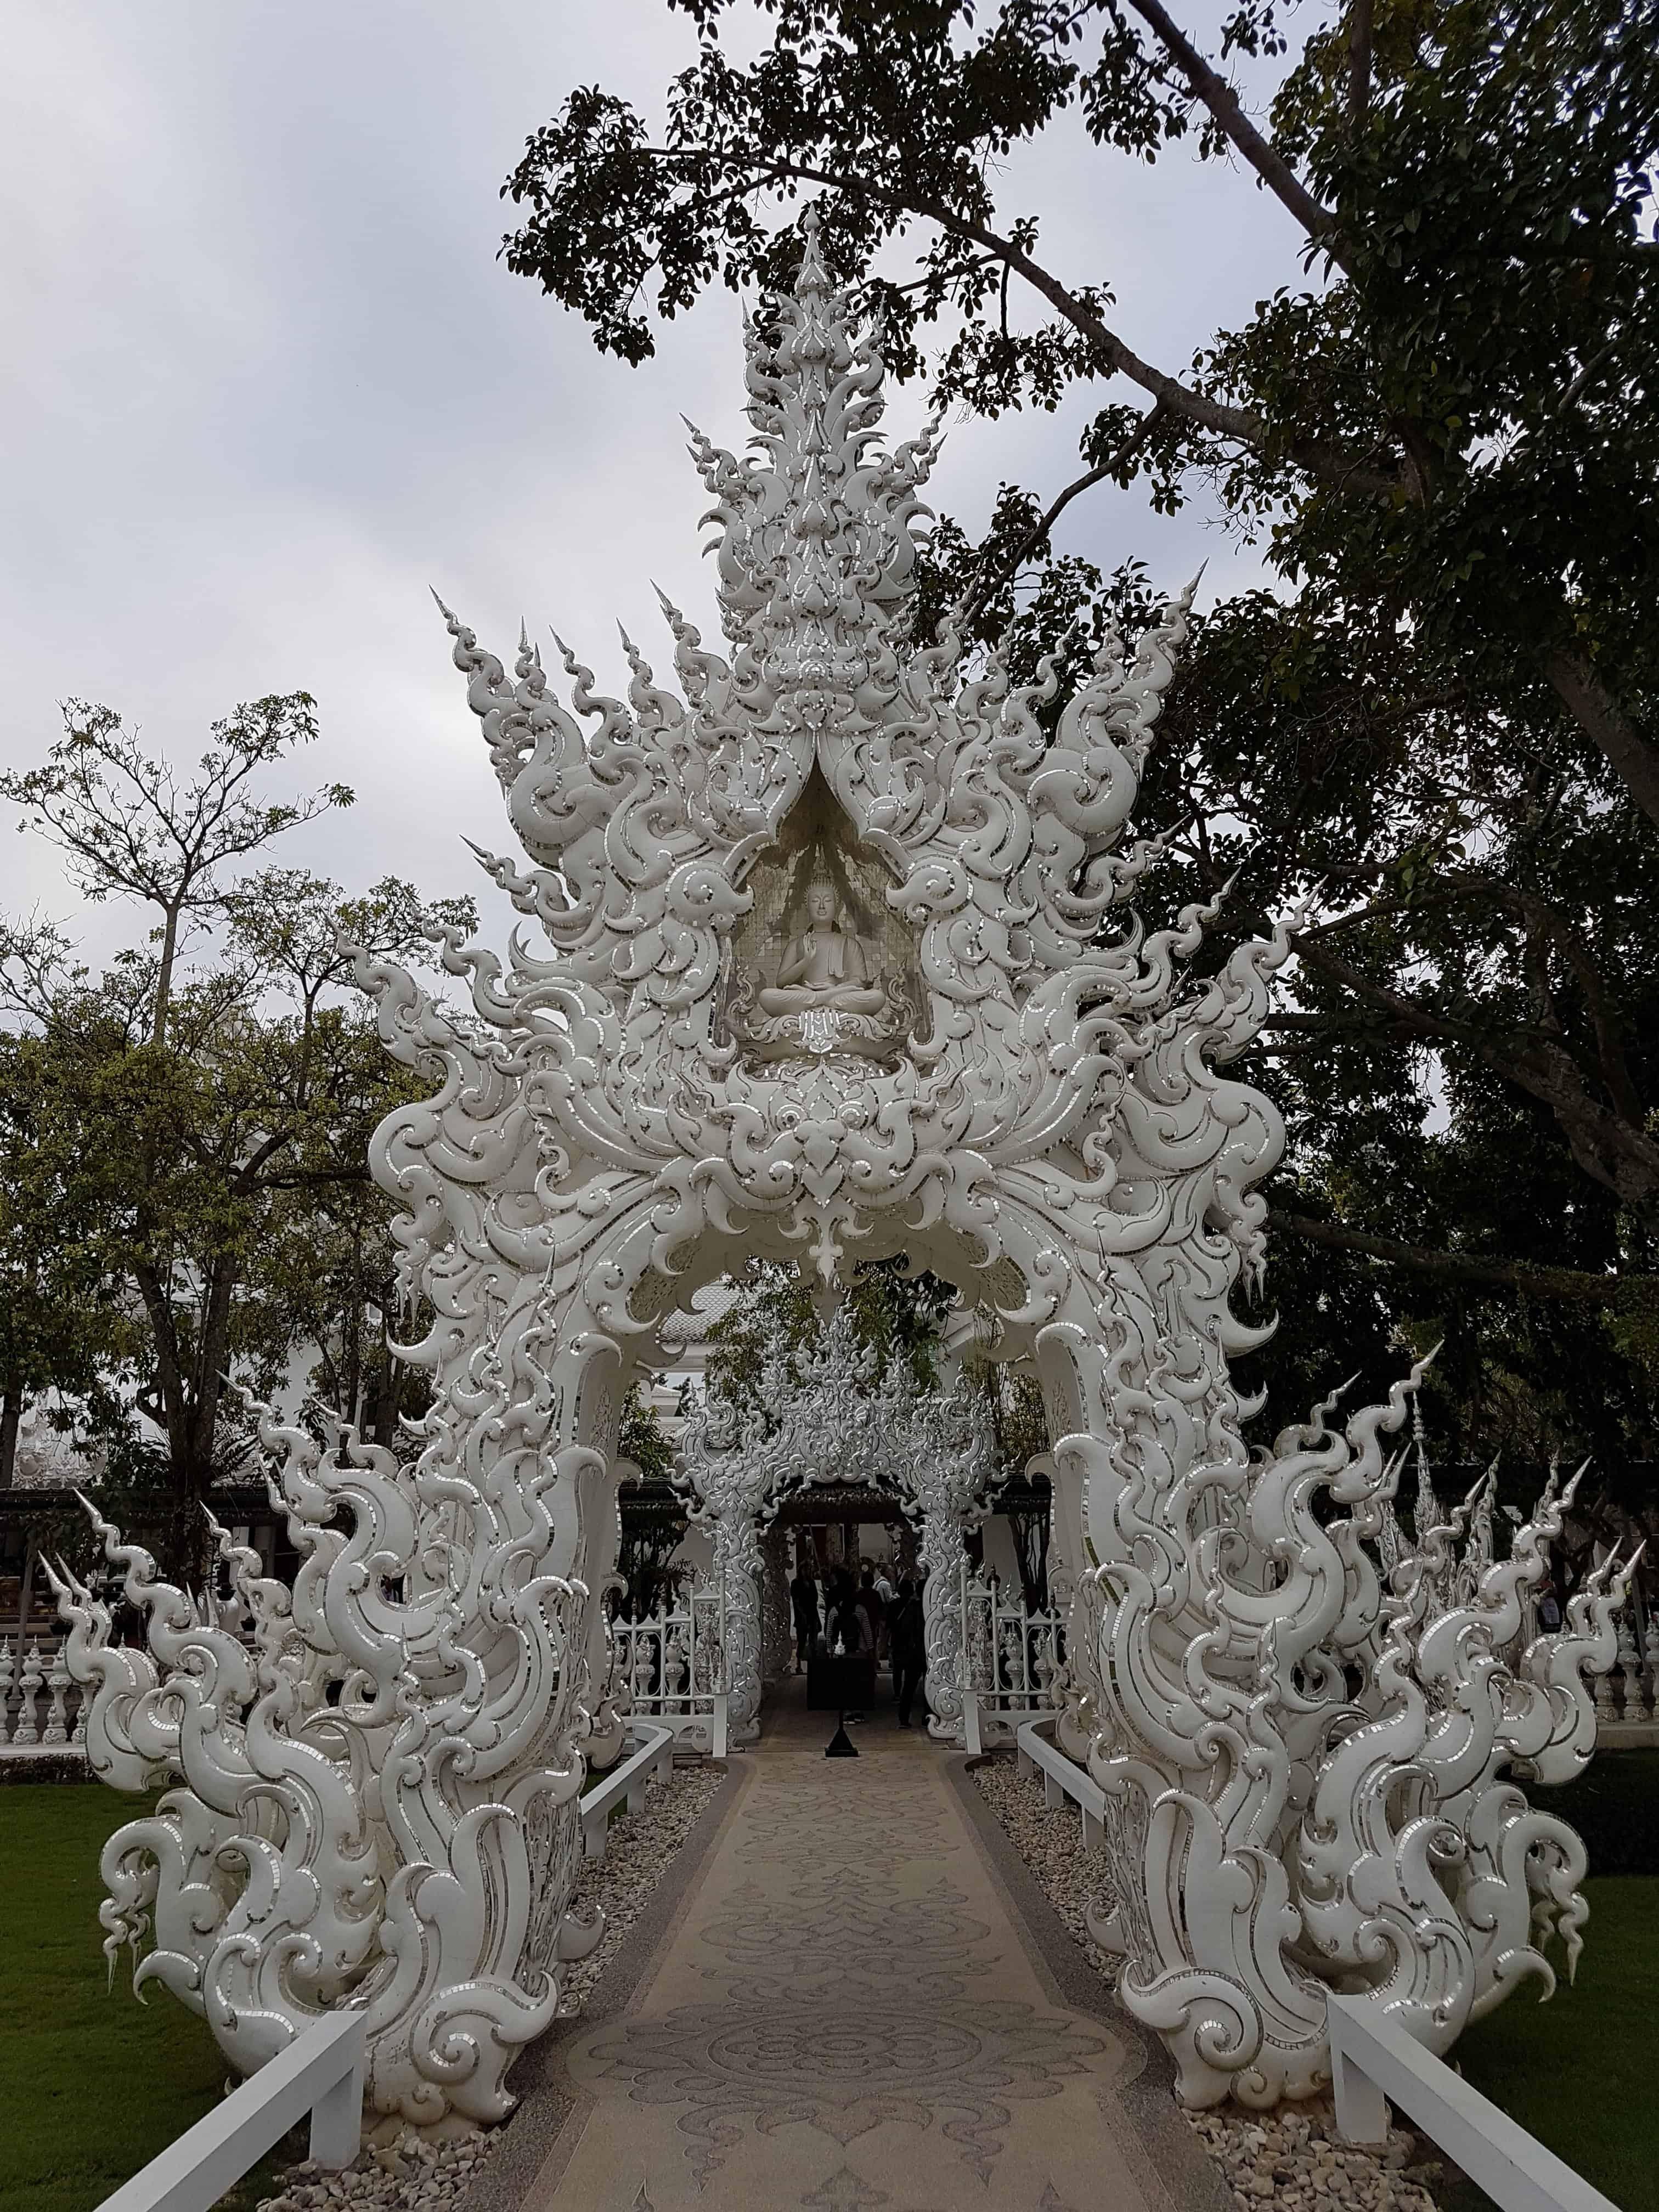 Thaïlande, balade dans la province de Chiang Rai 🍜 4